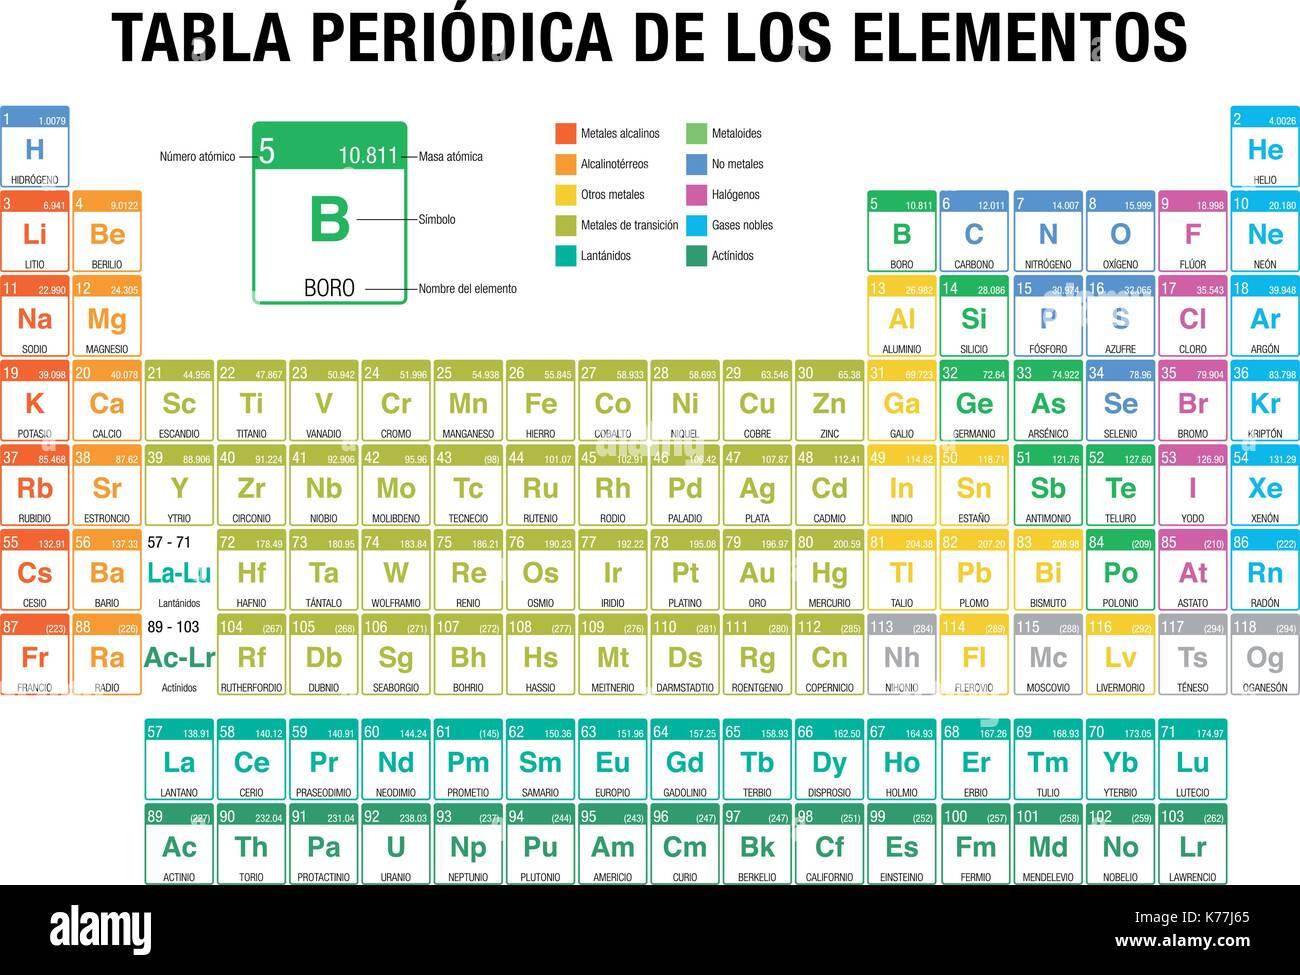 Tabla vector vectors stock photos tabla vector vectors stock tabla periodica de los elementos periodic table of elements in spanish language with the urtaz Image collections